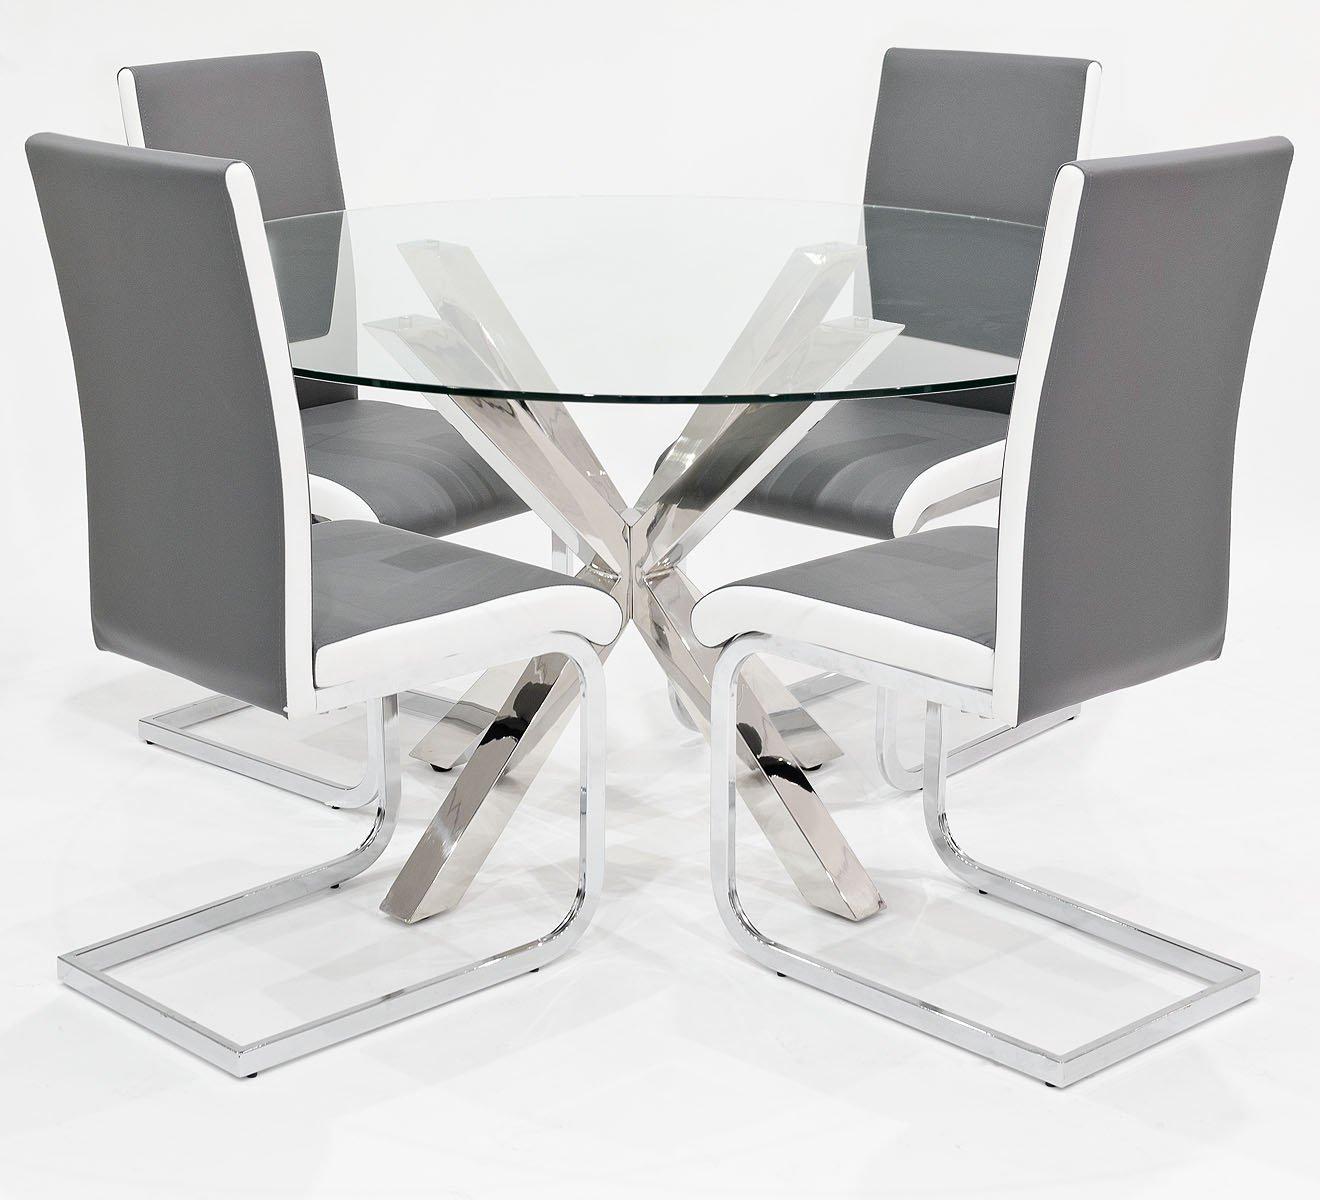 FEBLAND Crossly Rund Glas Tisch Mit 4 Grau Brescia Esszimmerstühle, Metall,  Chrom: